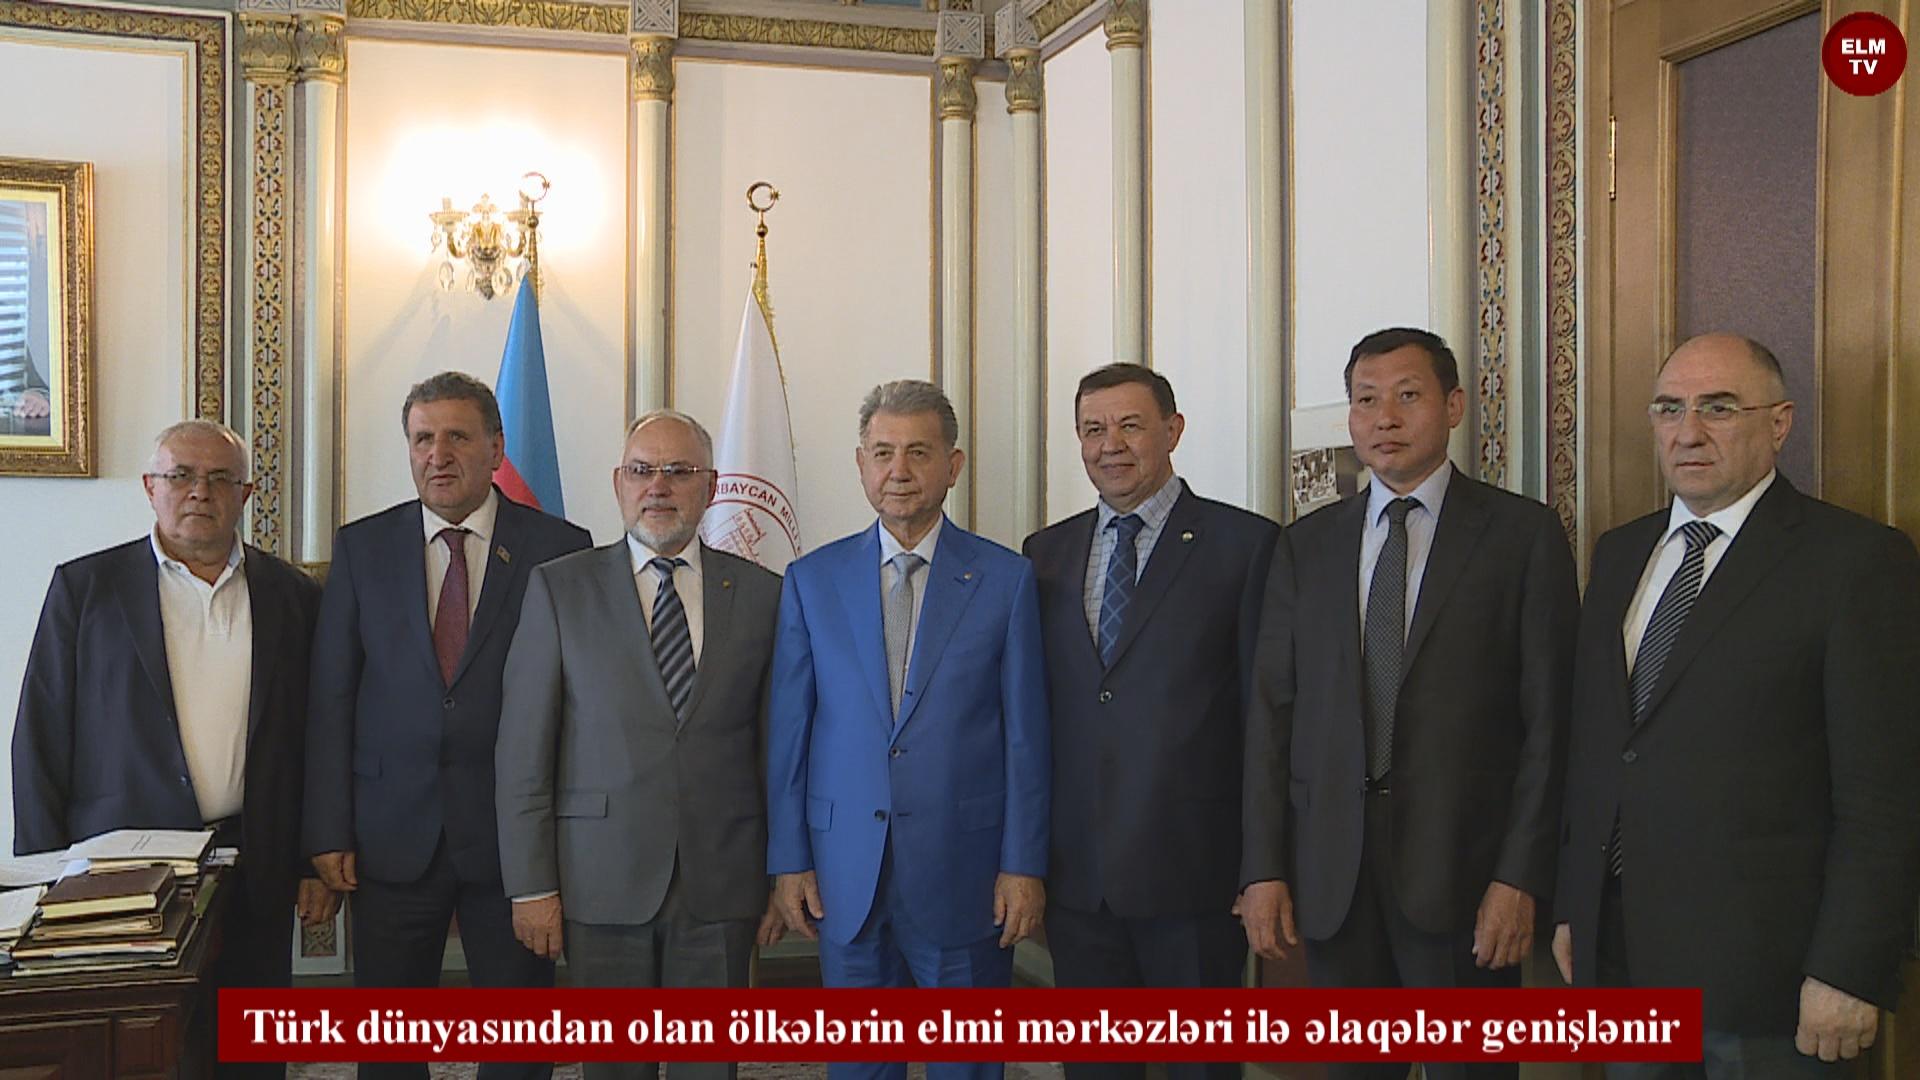 Türk dünyasından olan ölkələrin elmi mərkəzləri ilə əlaqələr genişlənir